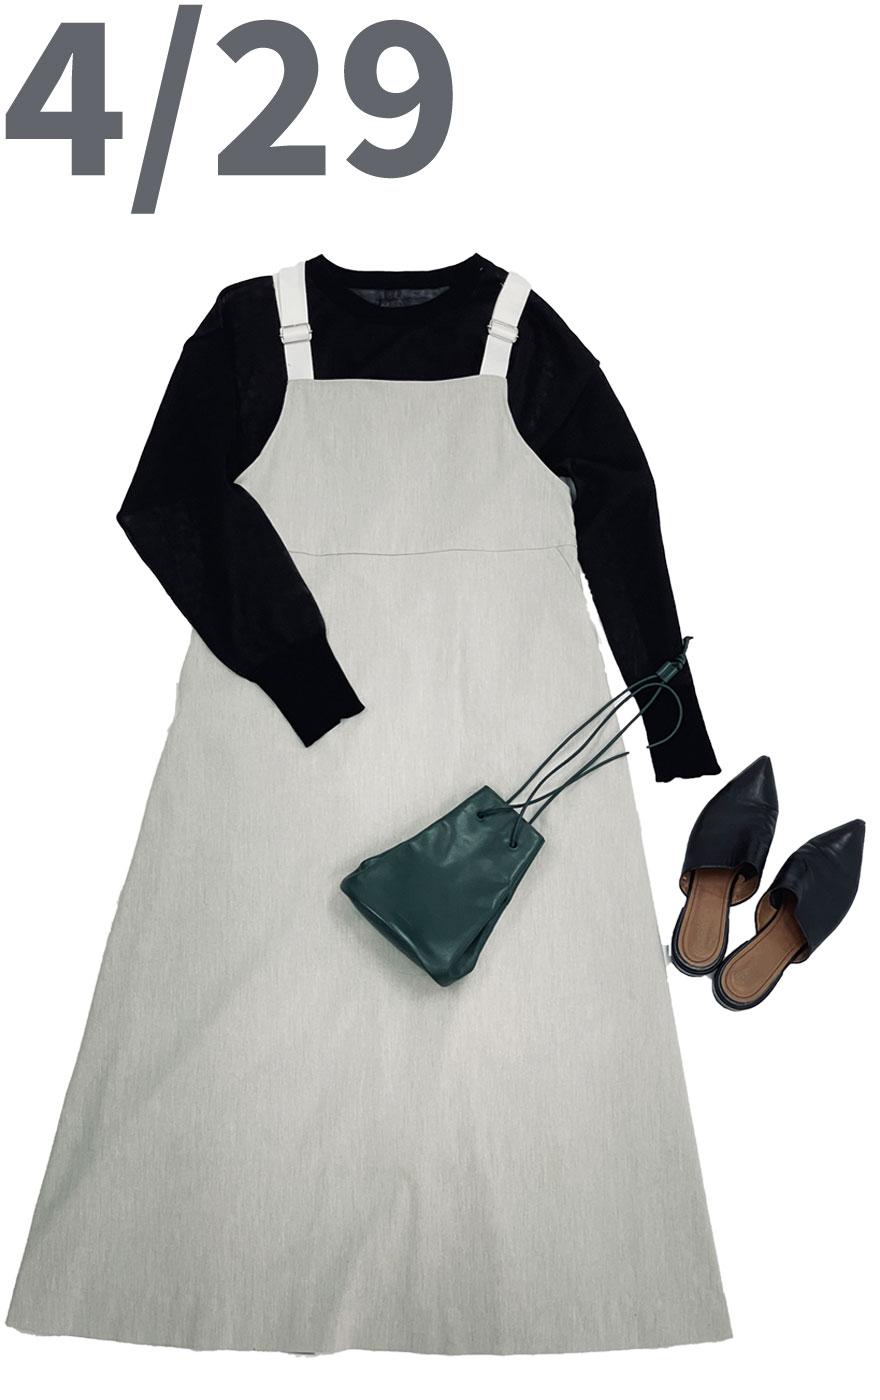 メッシュニットブラックカラートップスにバックデザインが可愛いグレーのワンピースを合わせた春夏コーディネート。小ぶりのグリーンの鞄がちょっとPOPで個性的な印象に。